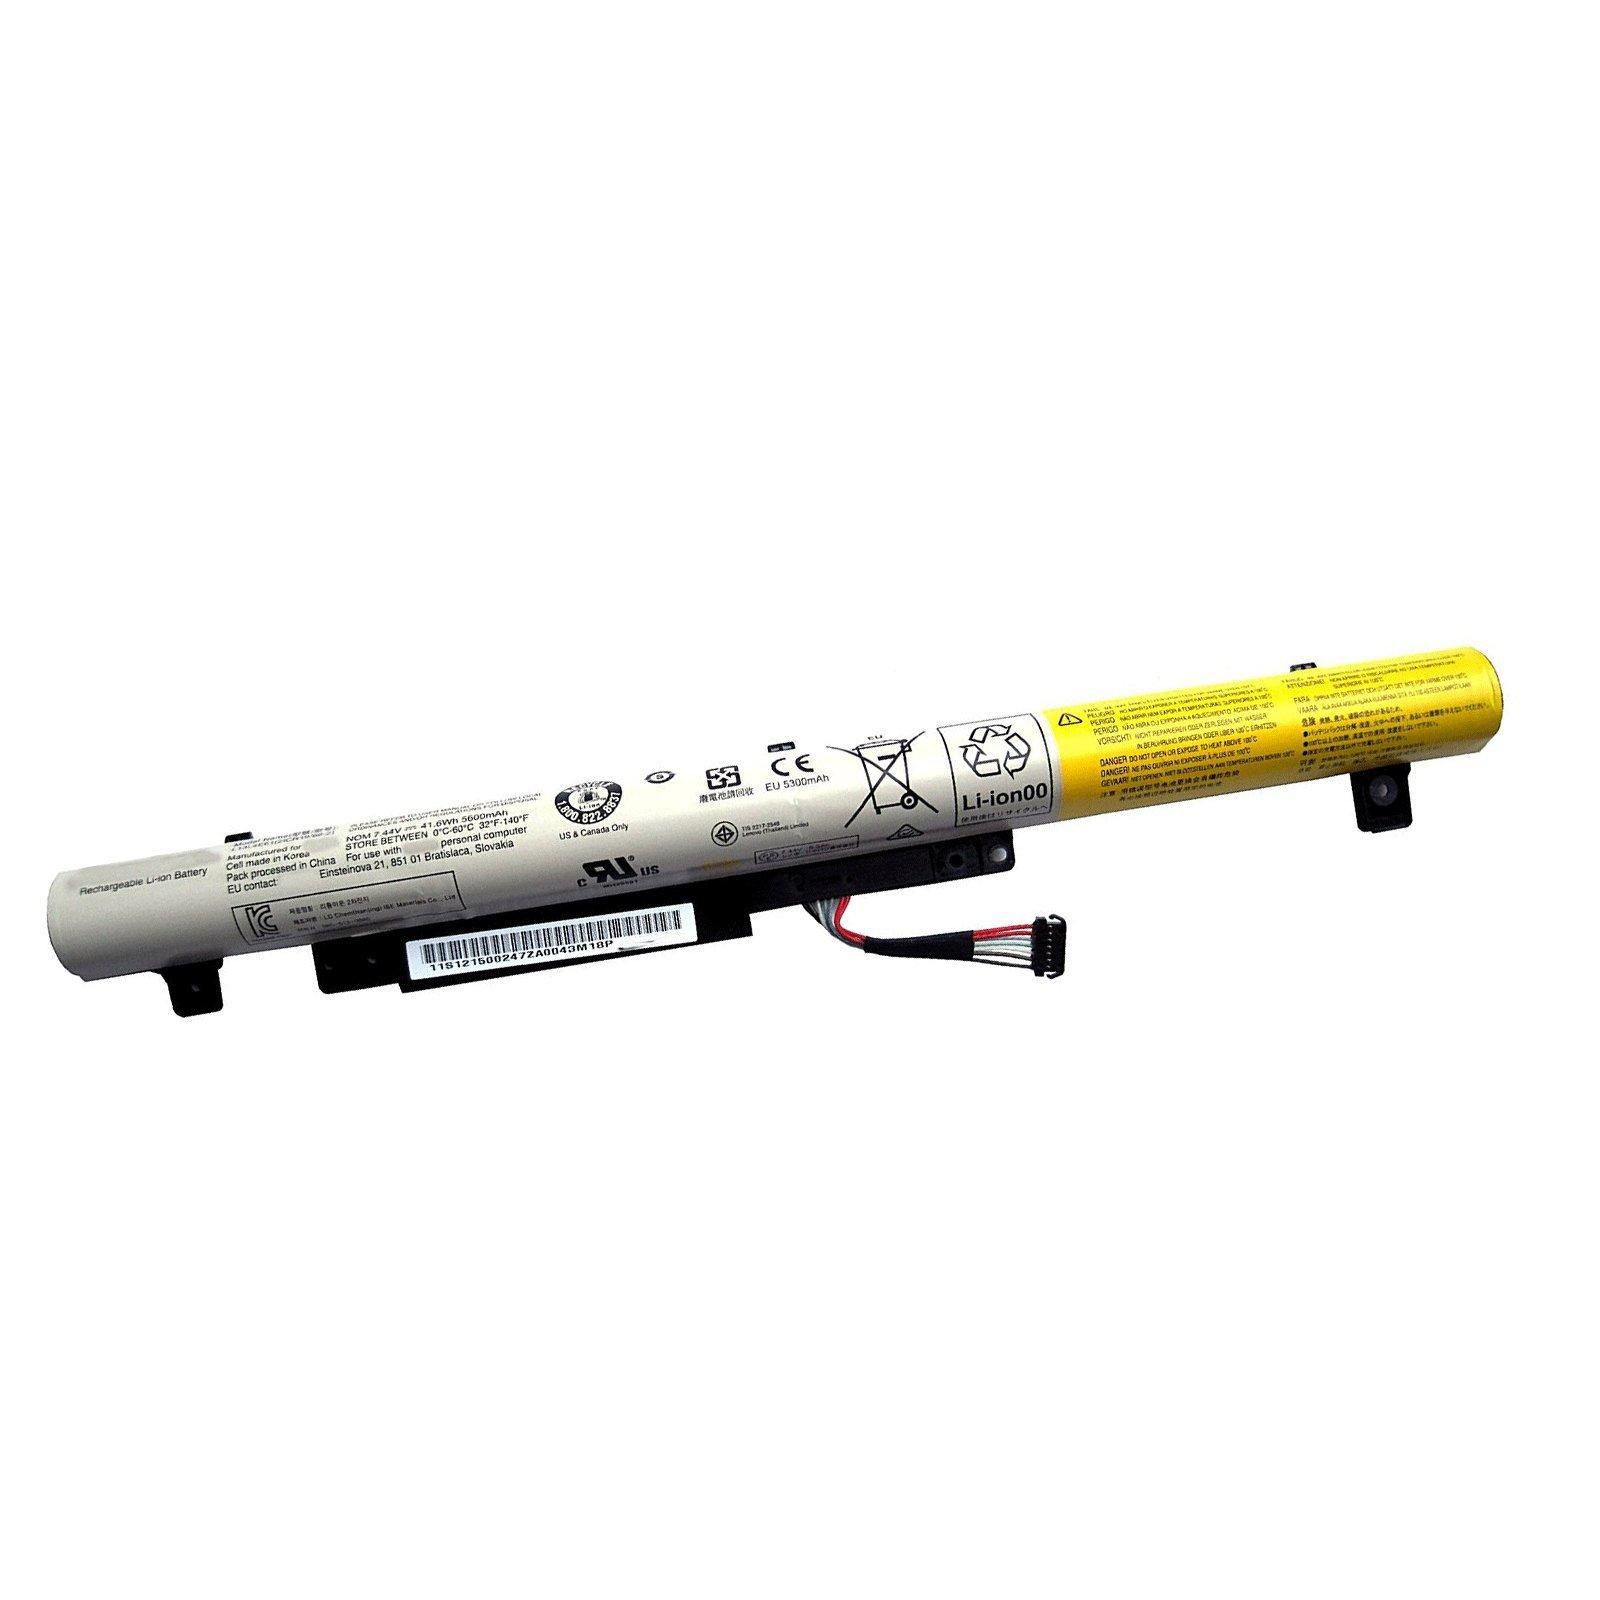 Bateria para Lenovo L13L4E61 7.44V 41.6wh IdeaPad Flex 2-14 IdeaPad Flex 2-15 L13S4E61 2ICR19/66-2